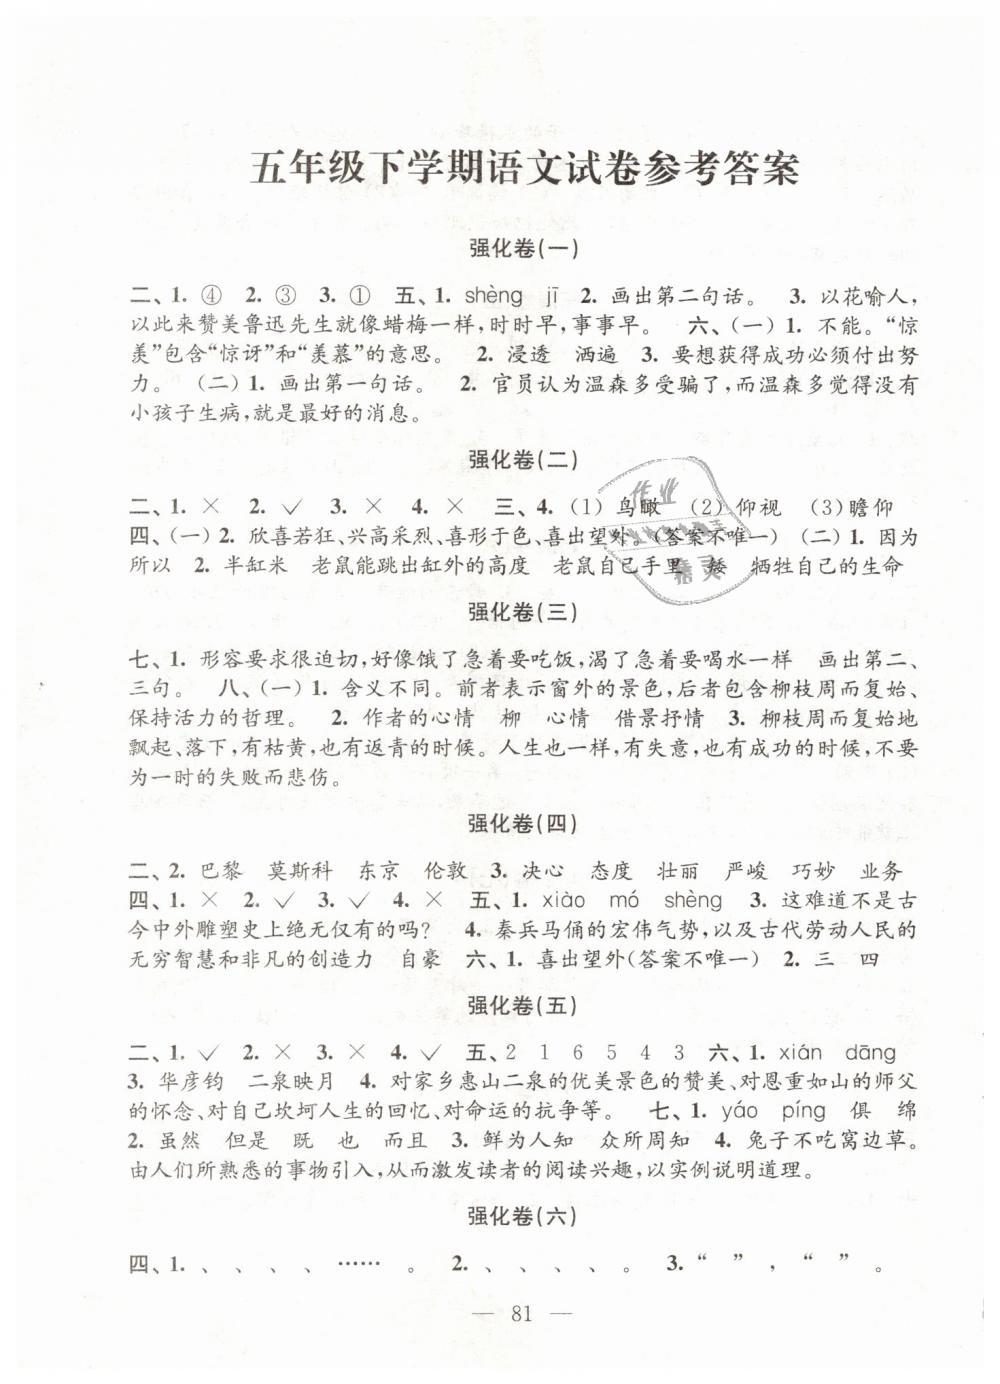 2019年强化拓展卷小学语文五年级下册提升版苏教版提升版第1页